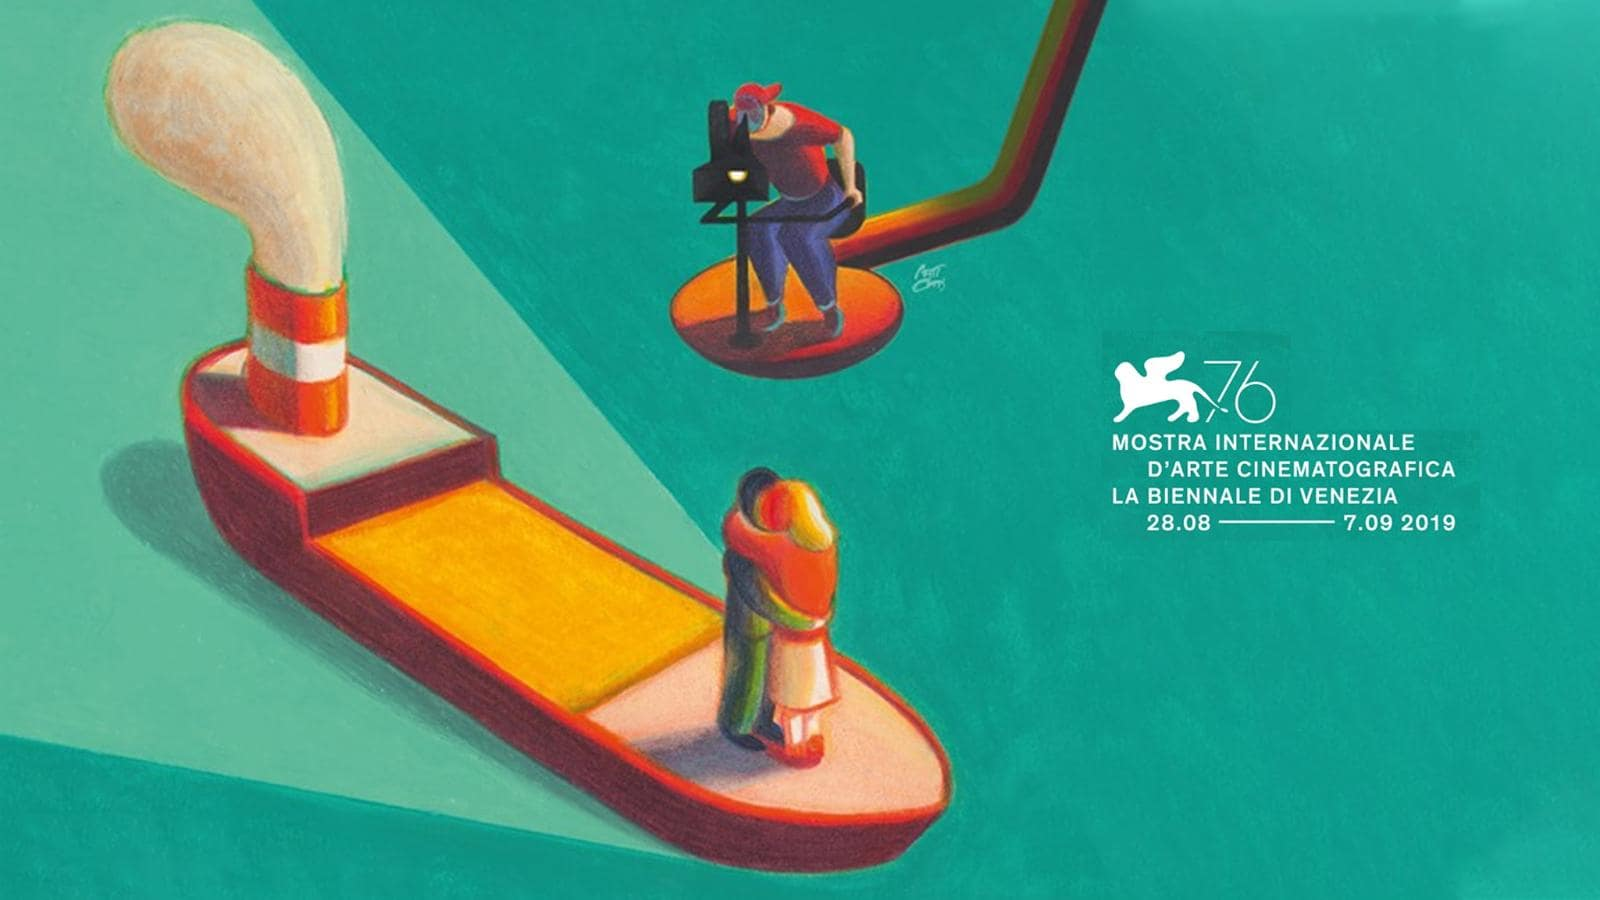 Locandina della 76 mostra internazionale d'arte cinematografica biennale di Venezia